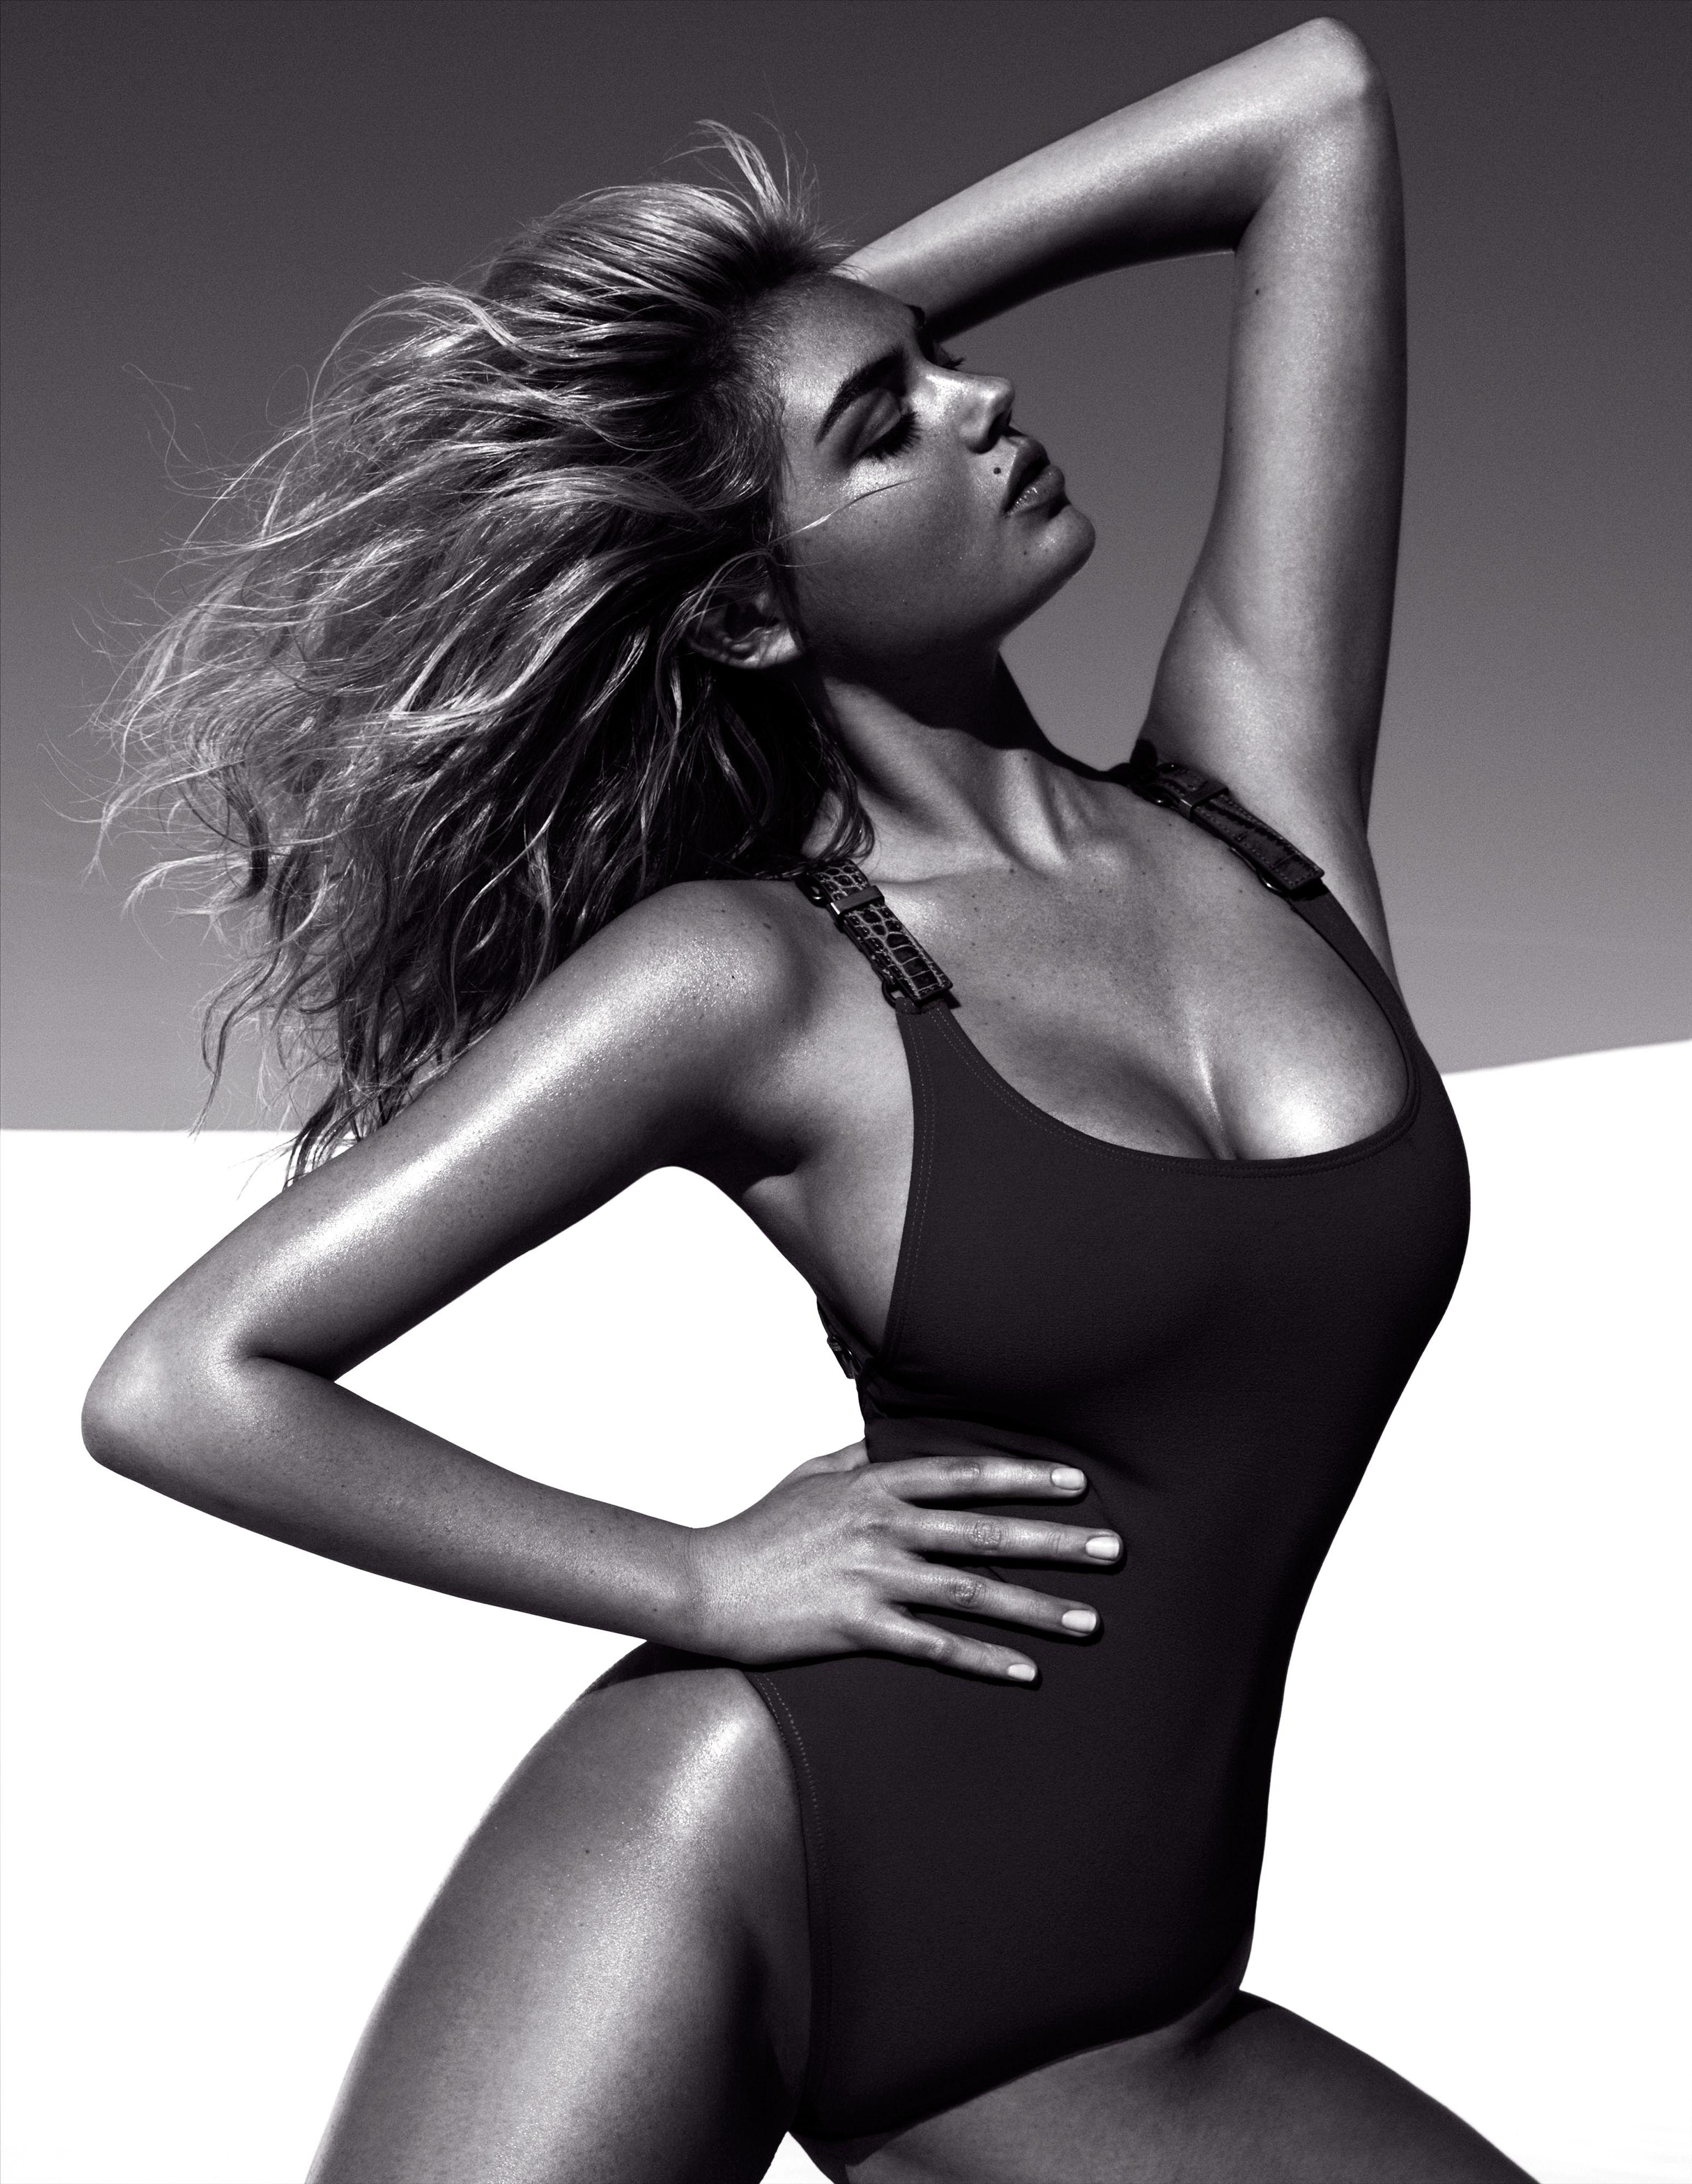 Фото моделей девушек журнала в купальниках 12 фотография